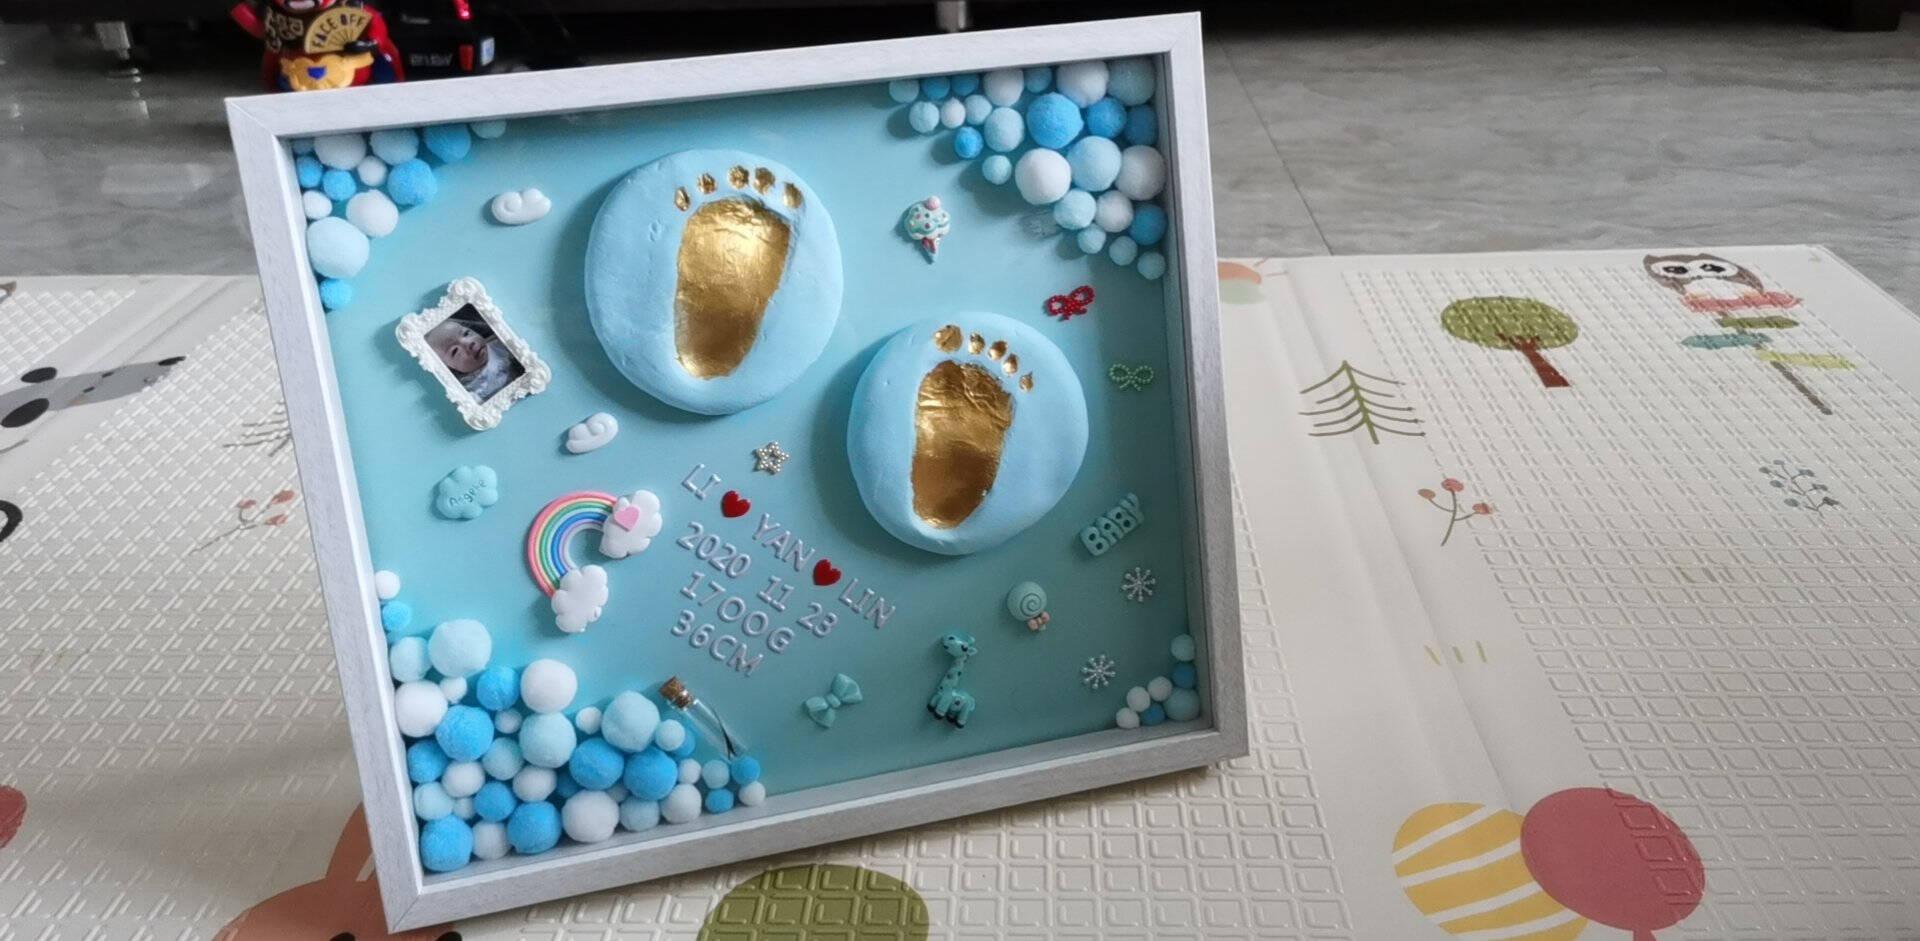 极度空间手足印泥满月百天礼物宝宝手足印泥纪念相框新生儿婴儿手脚印泥胎毛瓶生日礼物